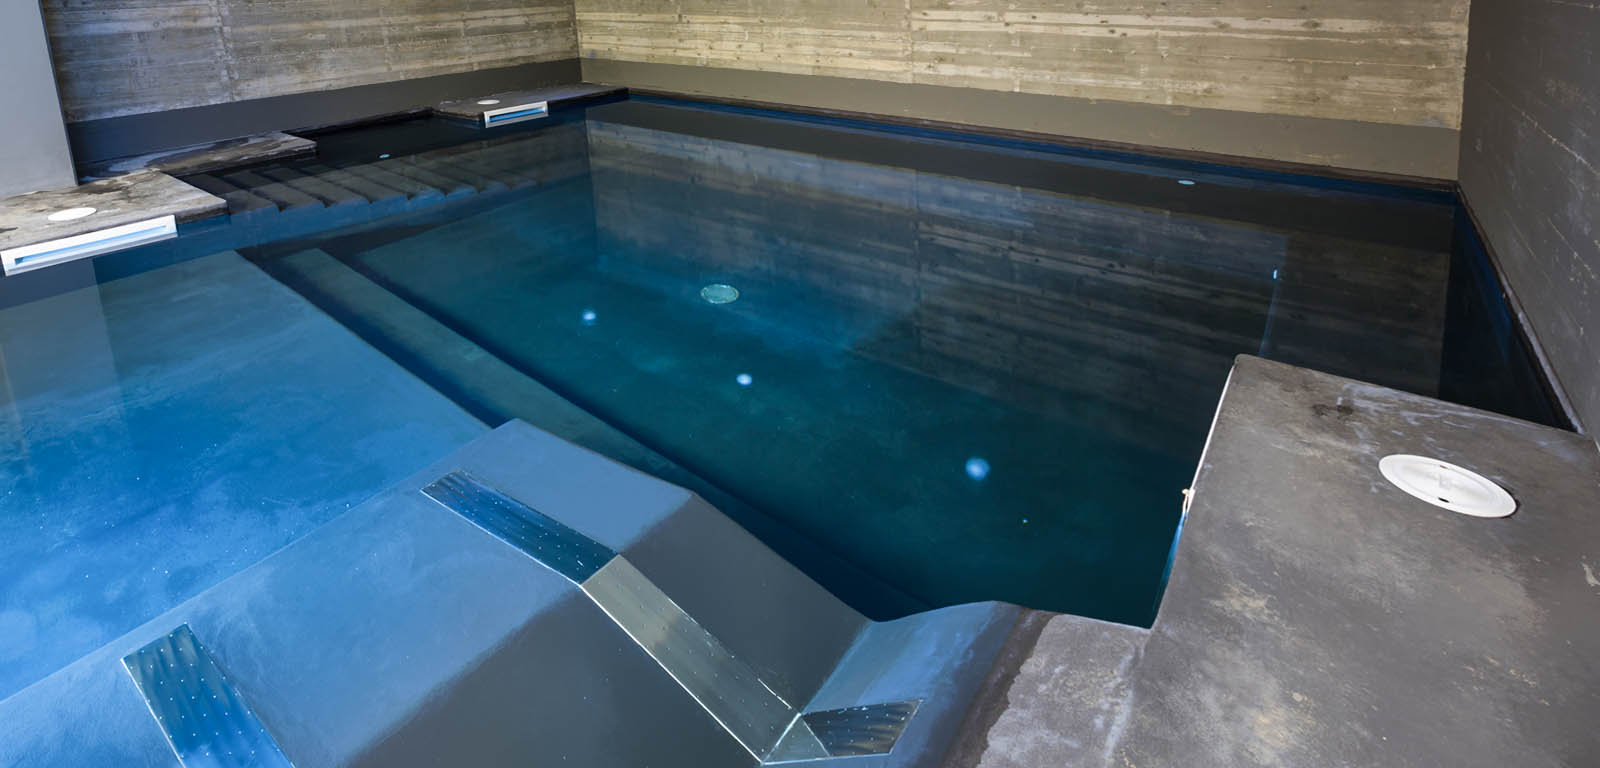 Piscine da interno sport e relax piscine castiglione for Piscina g s roma 53 roma